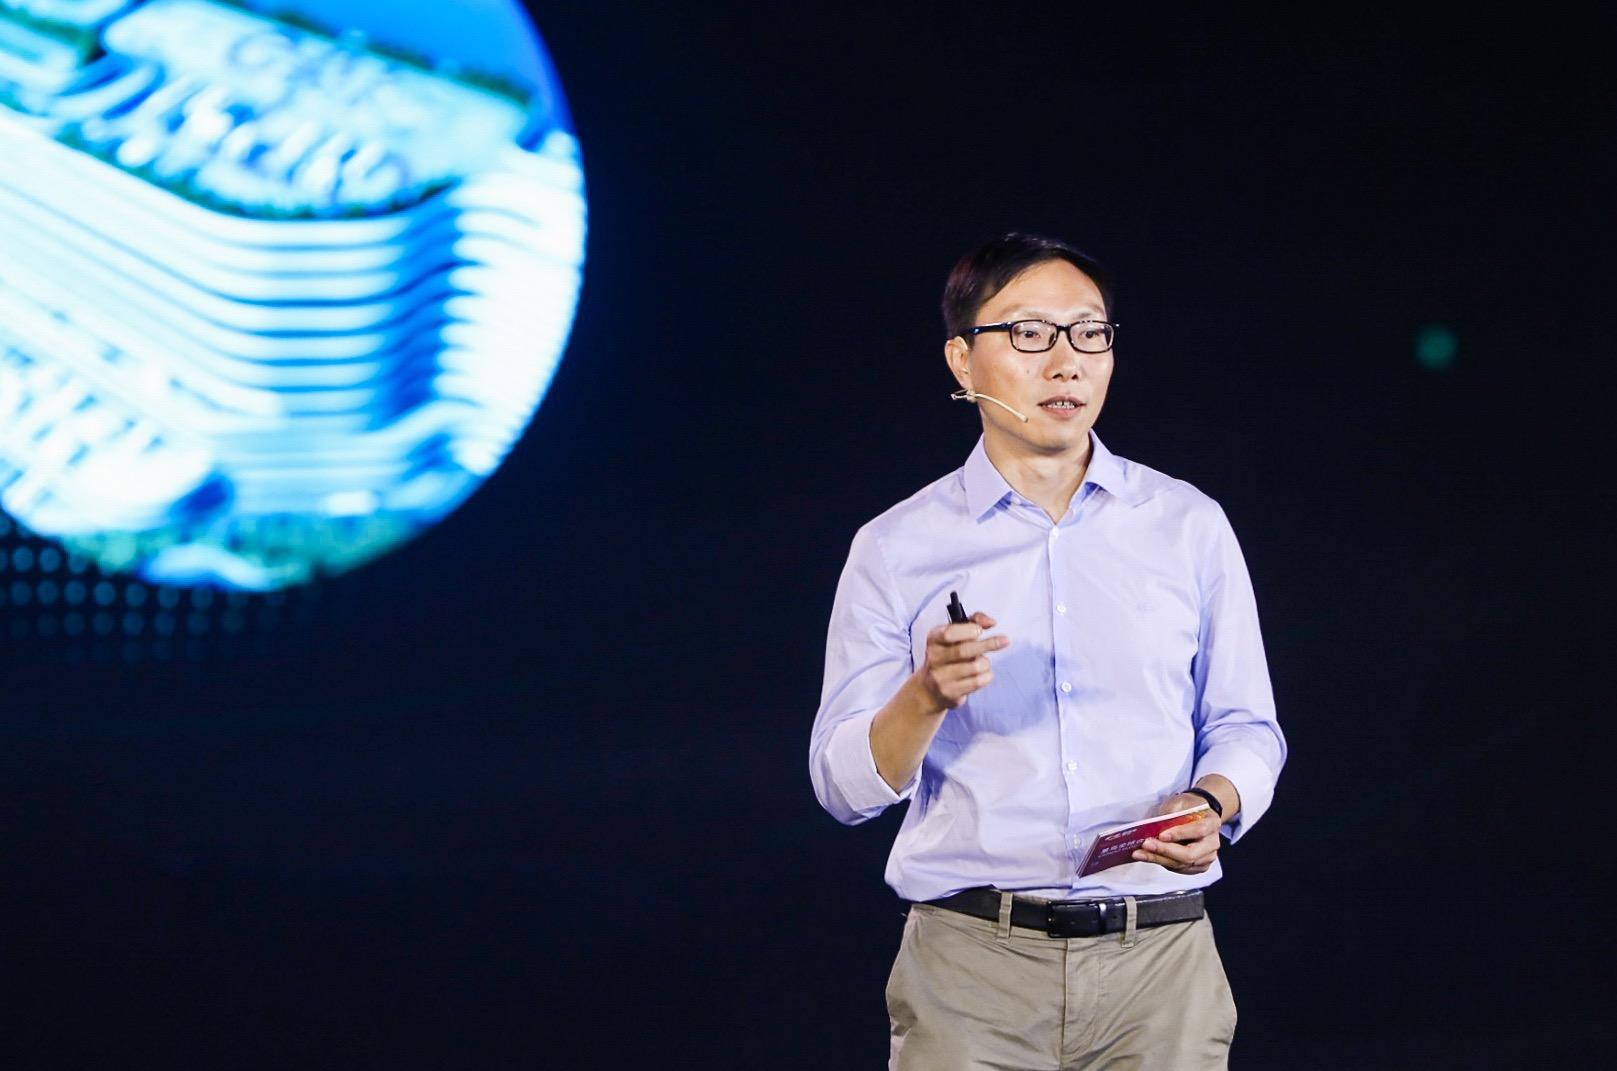 菜鸟骨干网新数字化计划:三年携手行业创造500亿元新价值